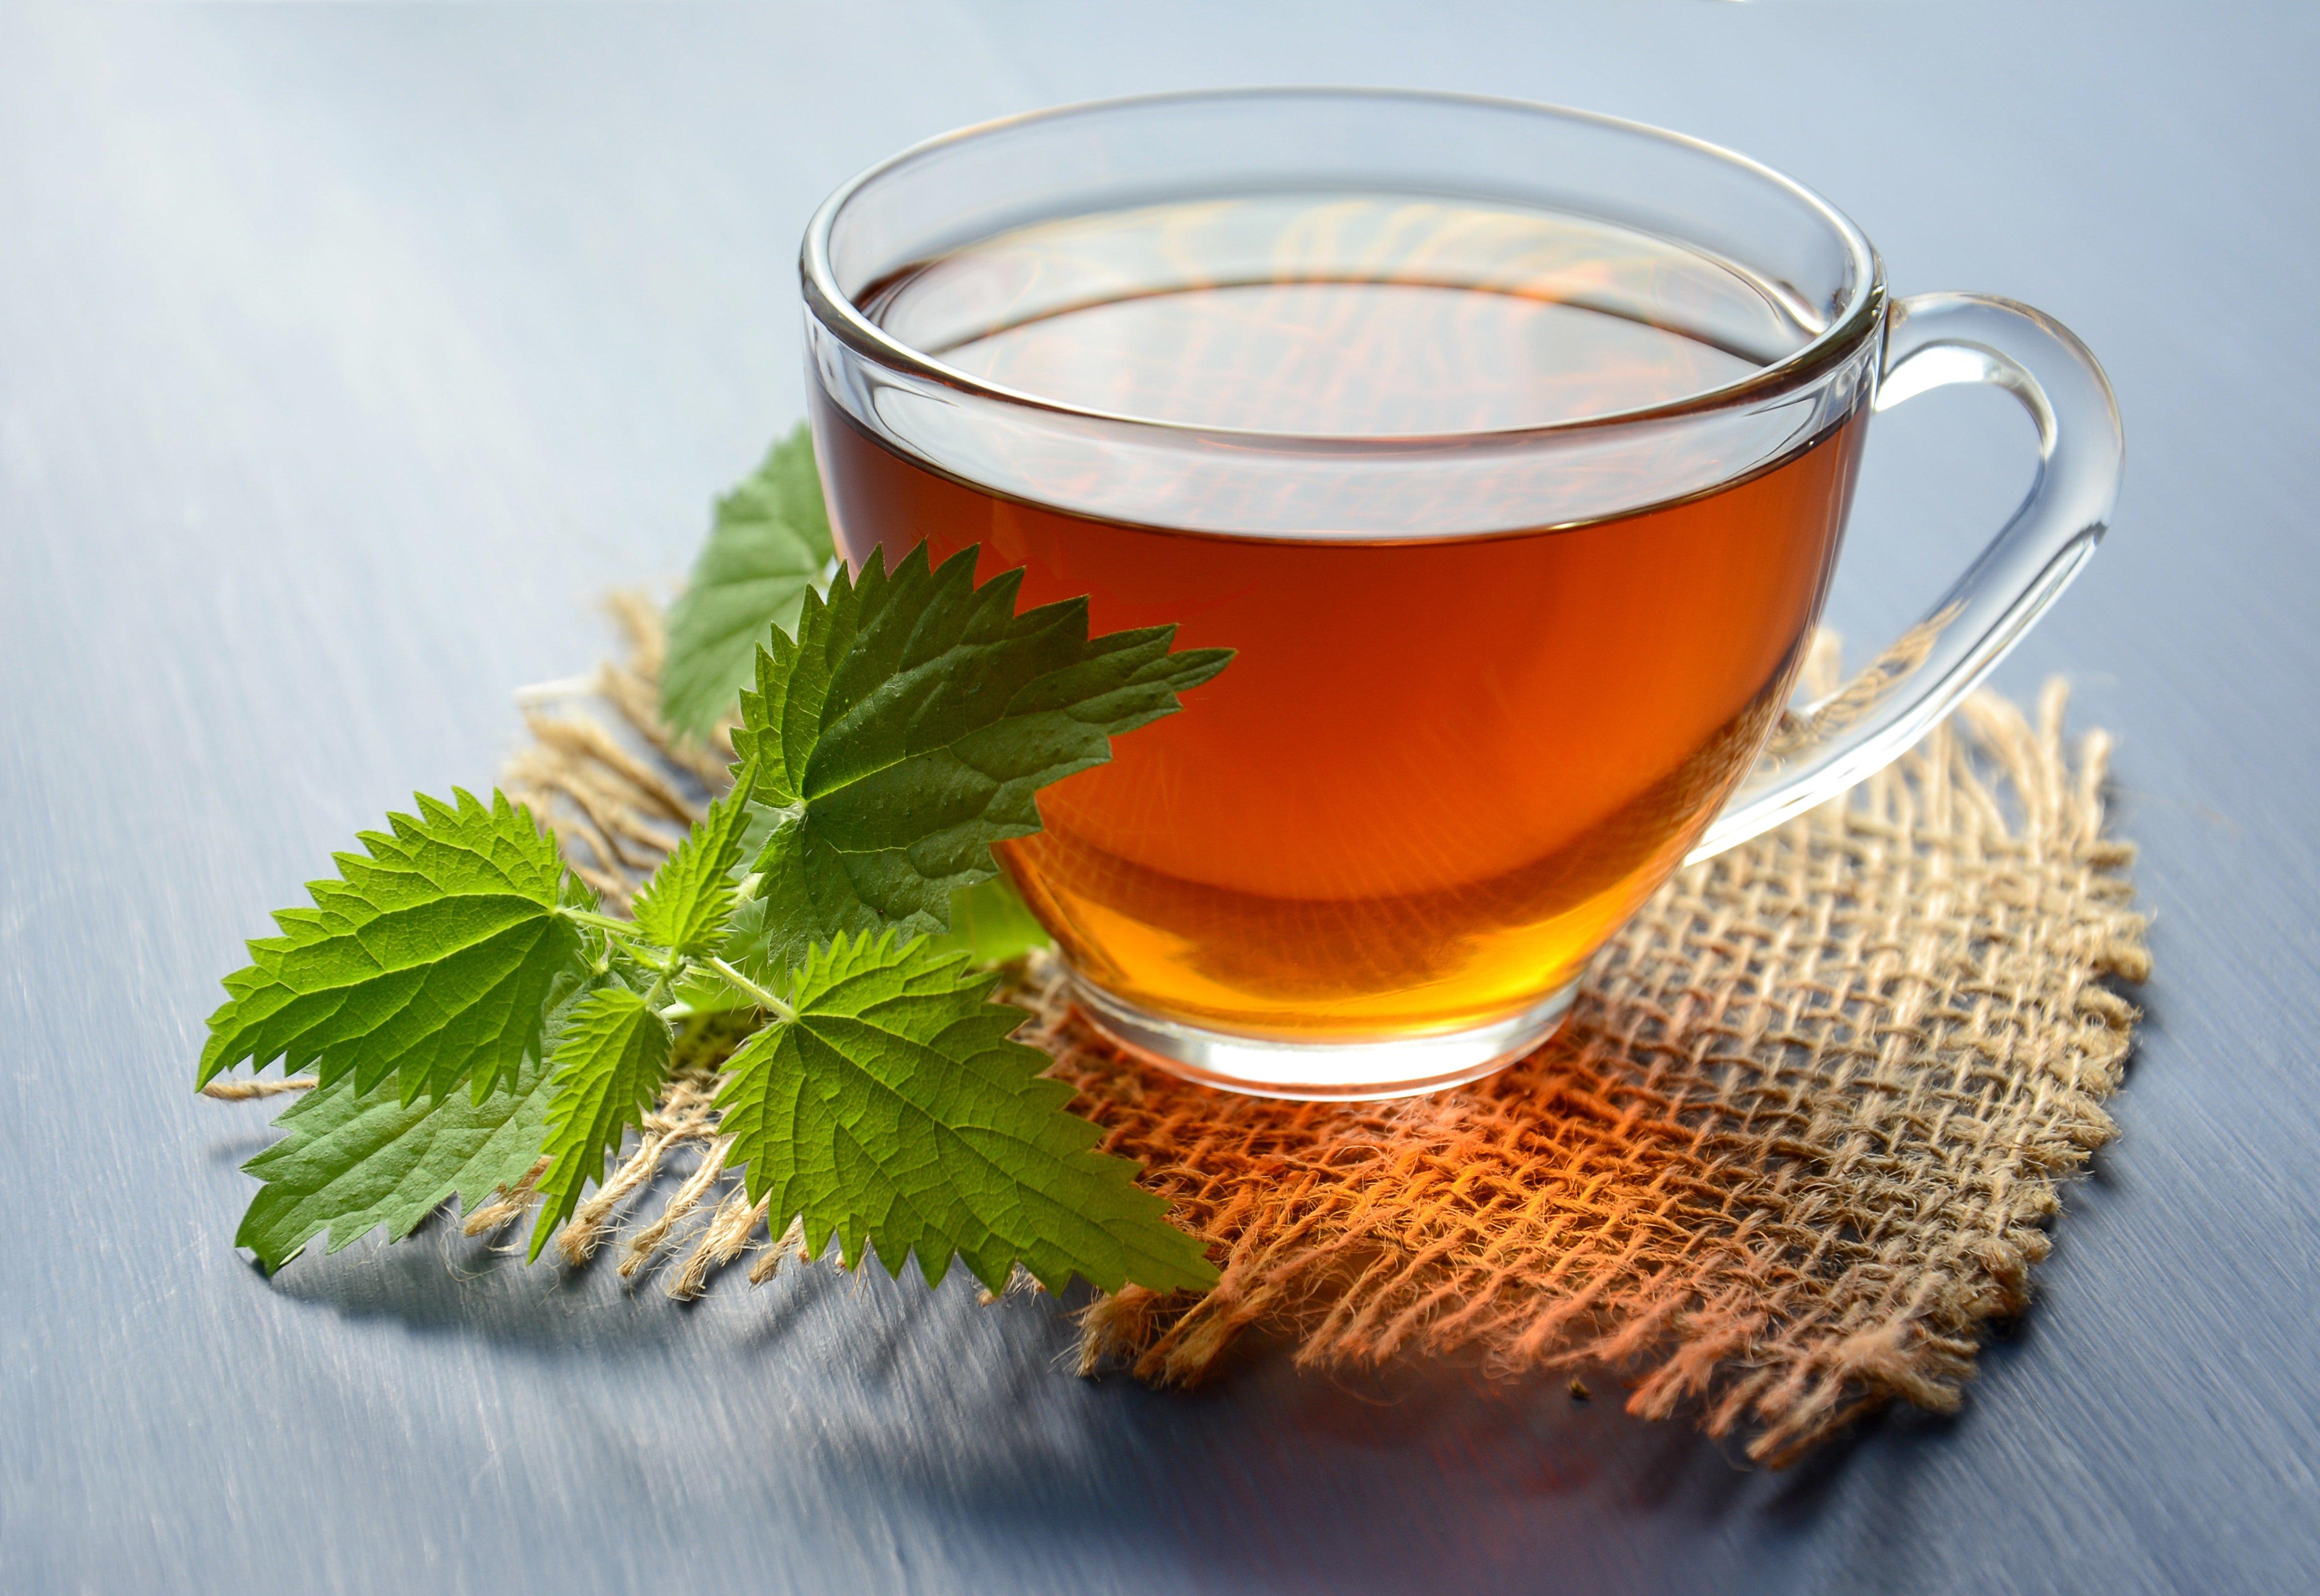 Aromatischer Tee | Quelle: Pexels